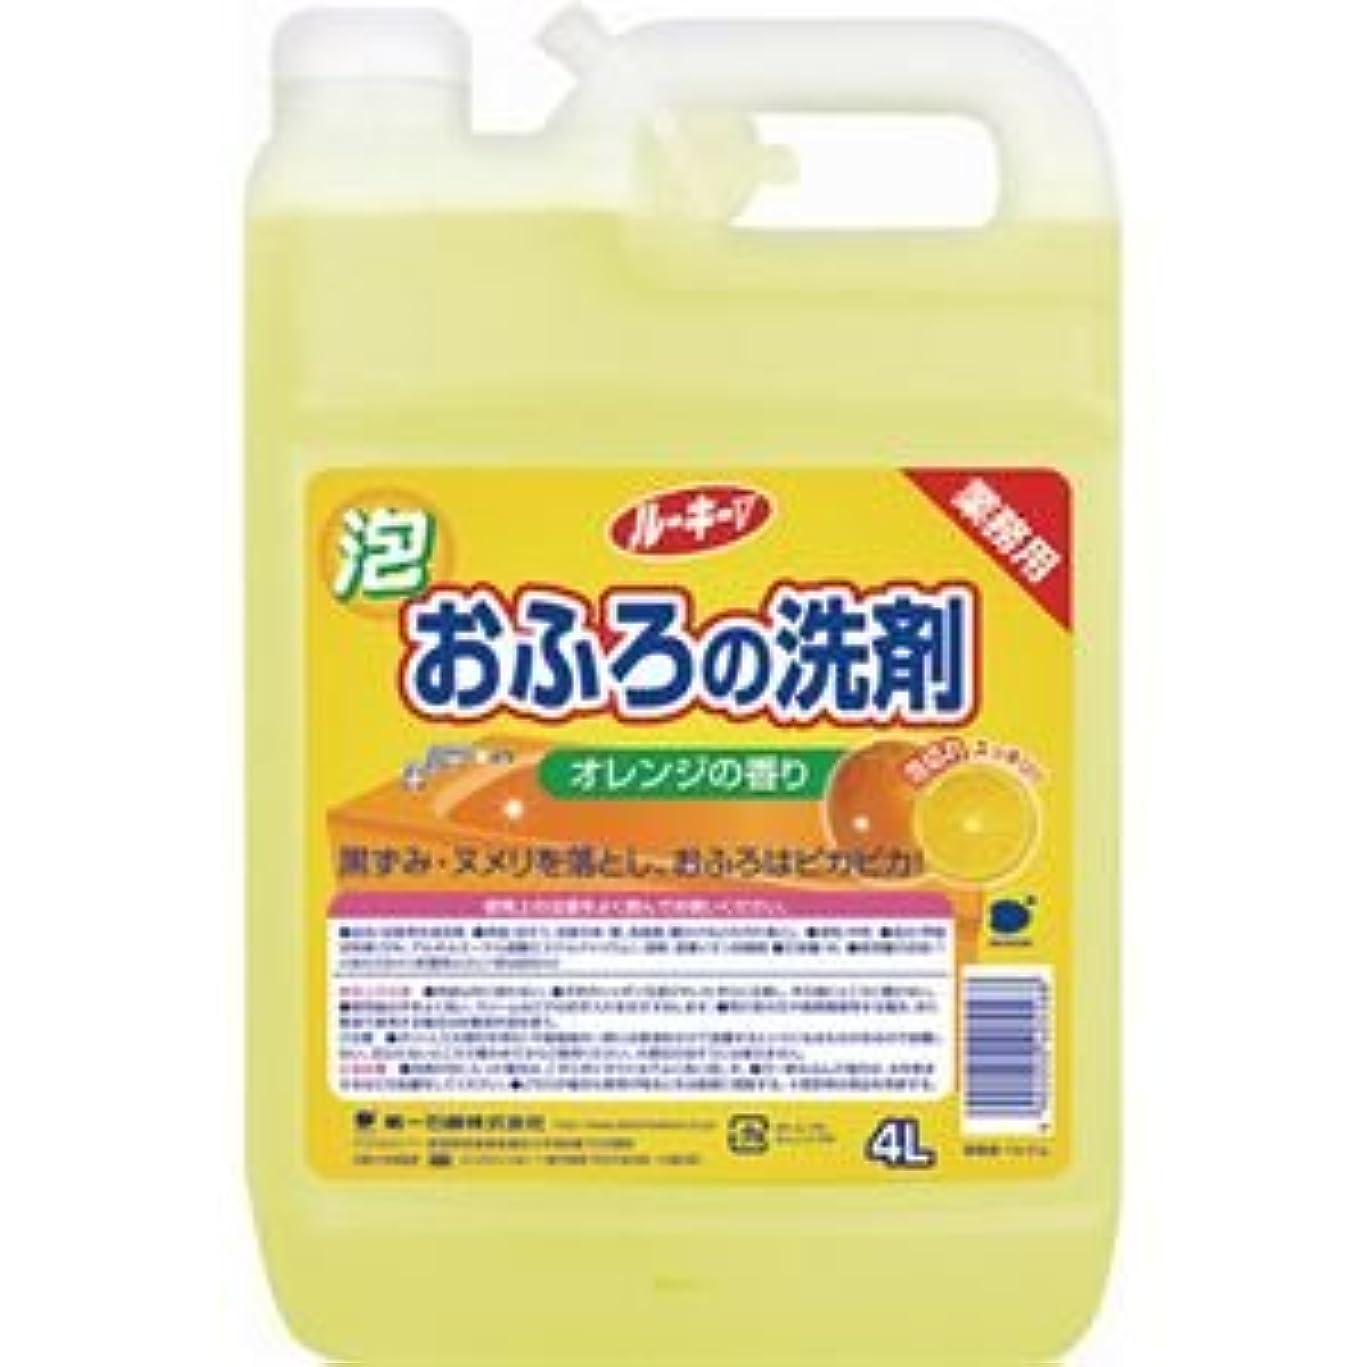 オーナメント検閲気晴らし(まとめ) 第一石鹸 ルーキーV おふろ洗剤 業務用 4L 1本 【×5セット】